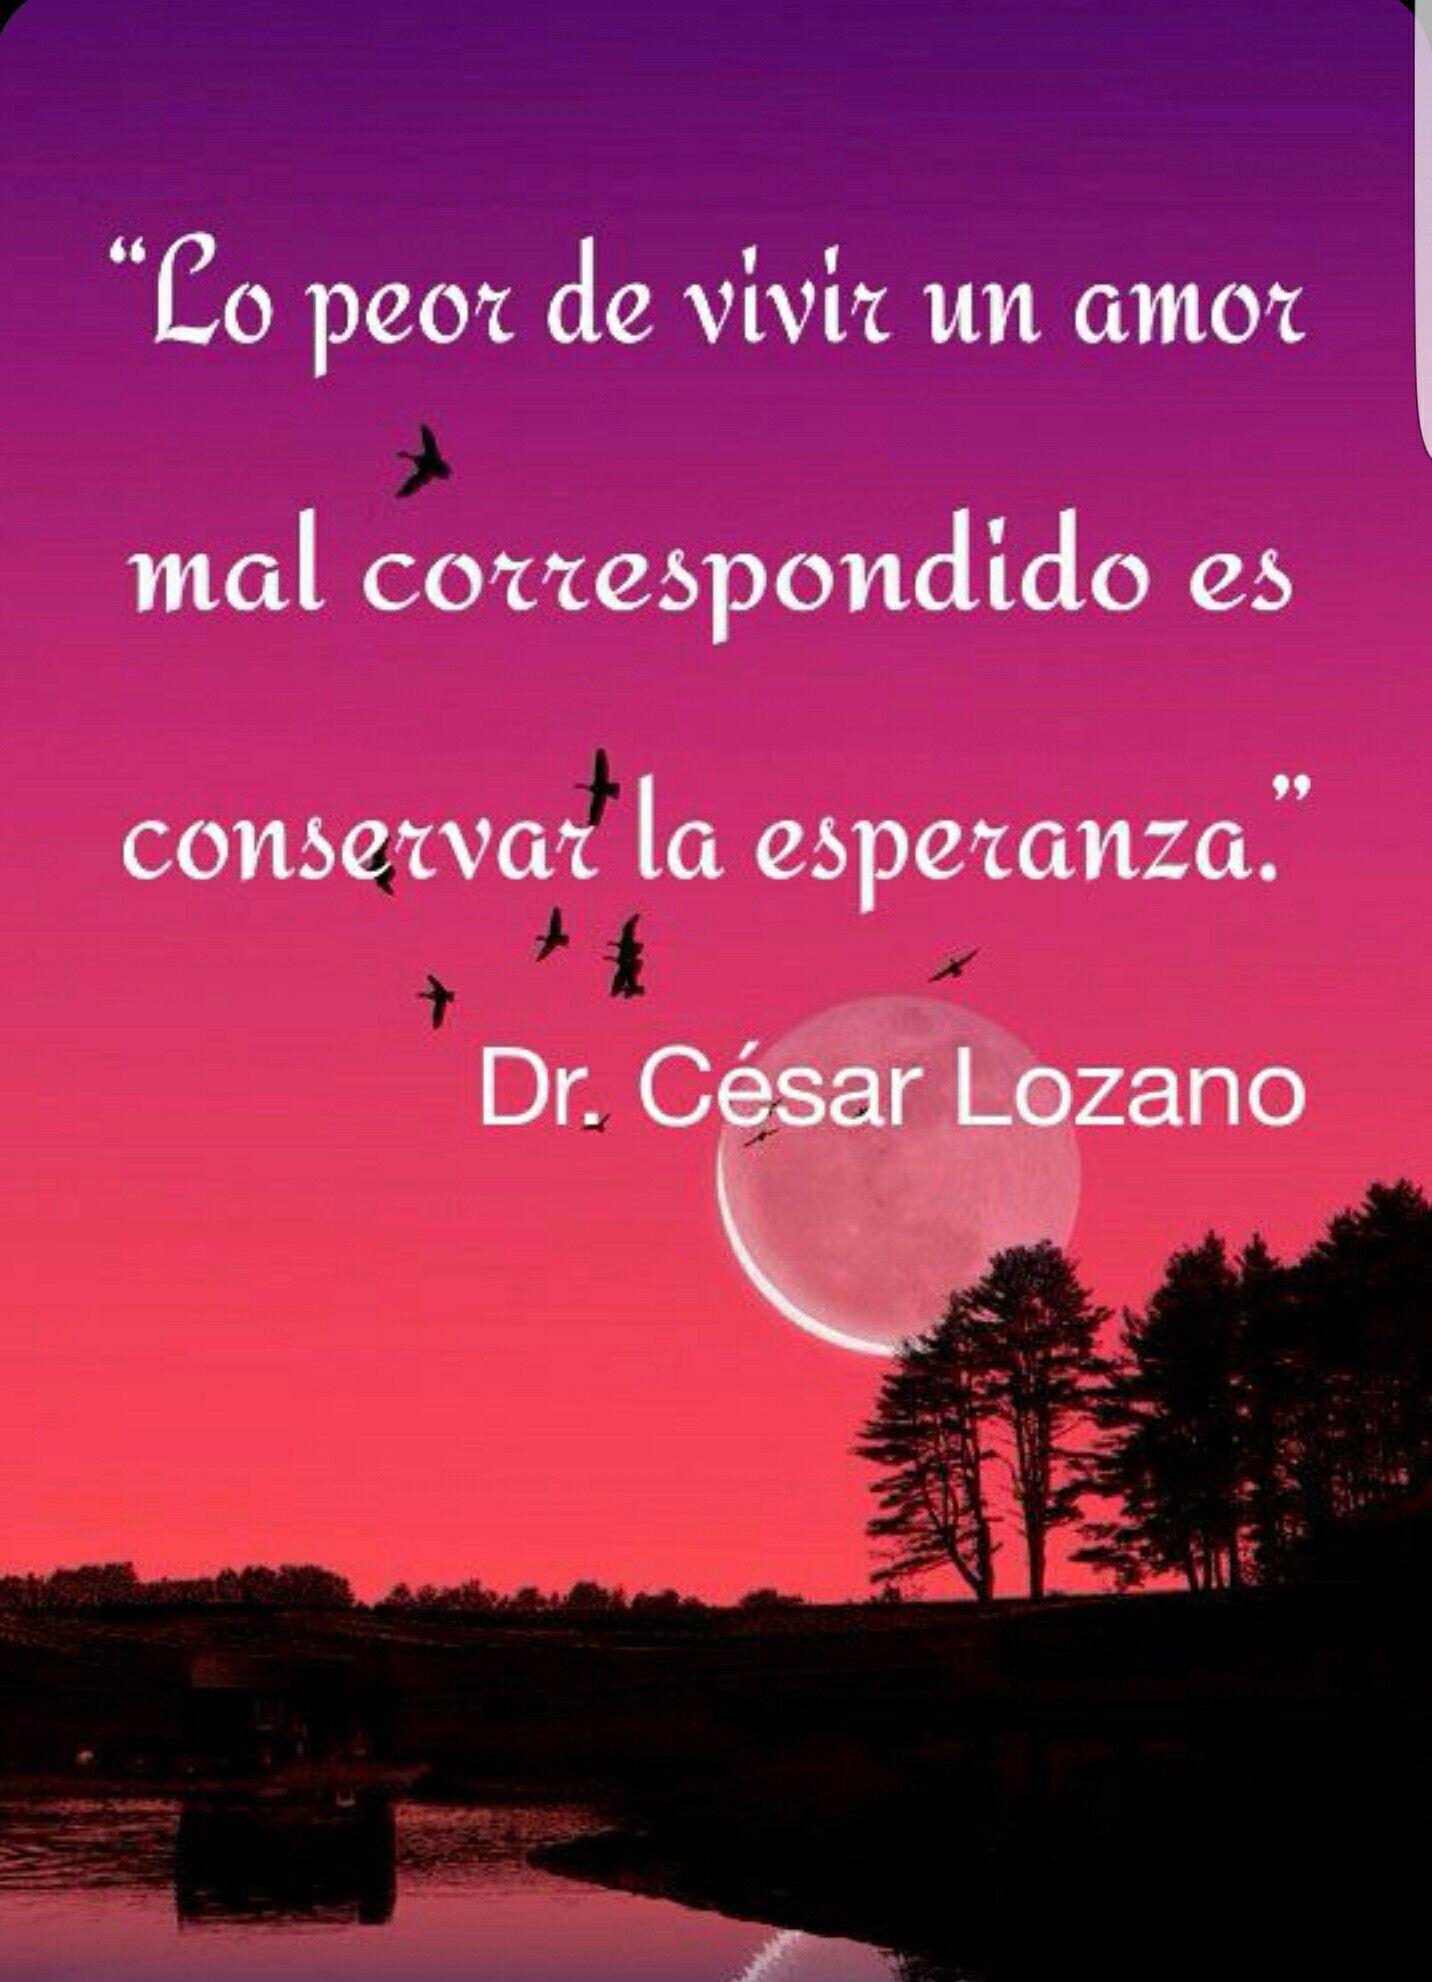 Frases De No Amor Correspondido Frases De Motivacion De Amor